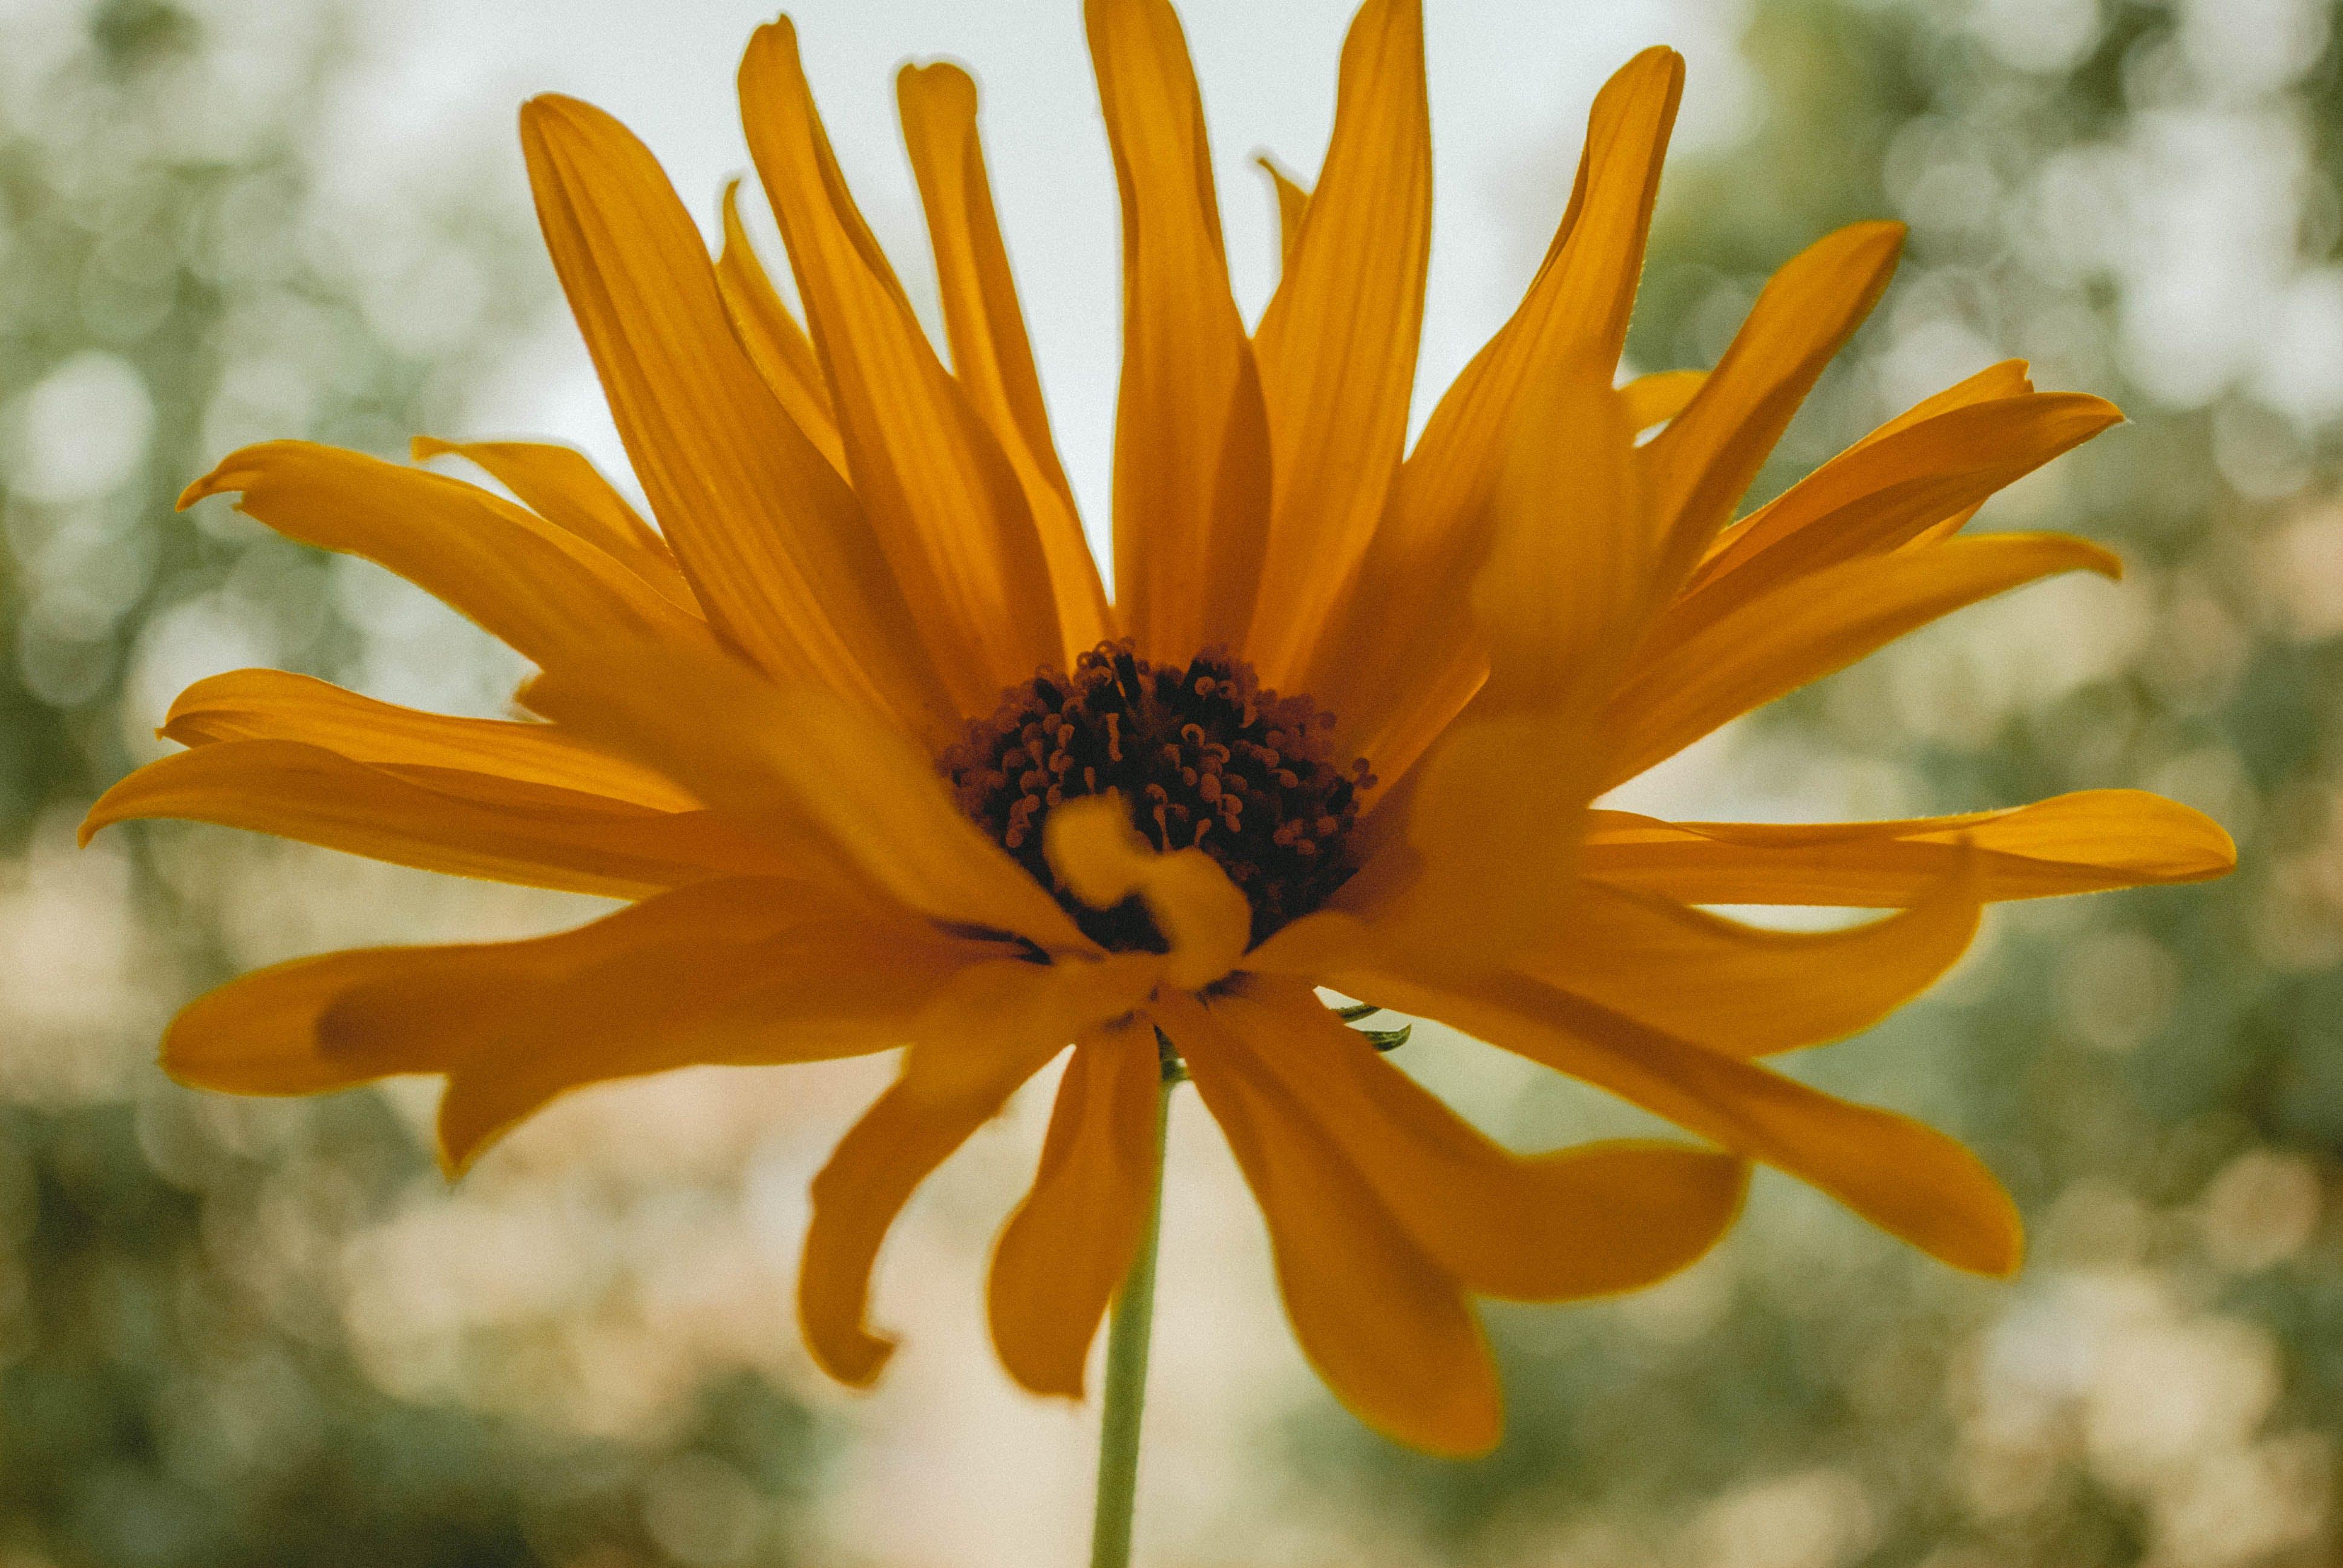 bitki örtüsü, bitkibilim, bulanık arka plan, büyüme içeren Ücretsiz stok fotoğraf